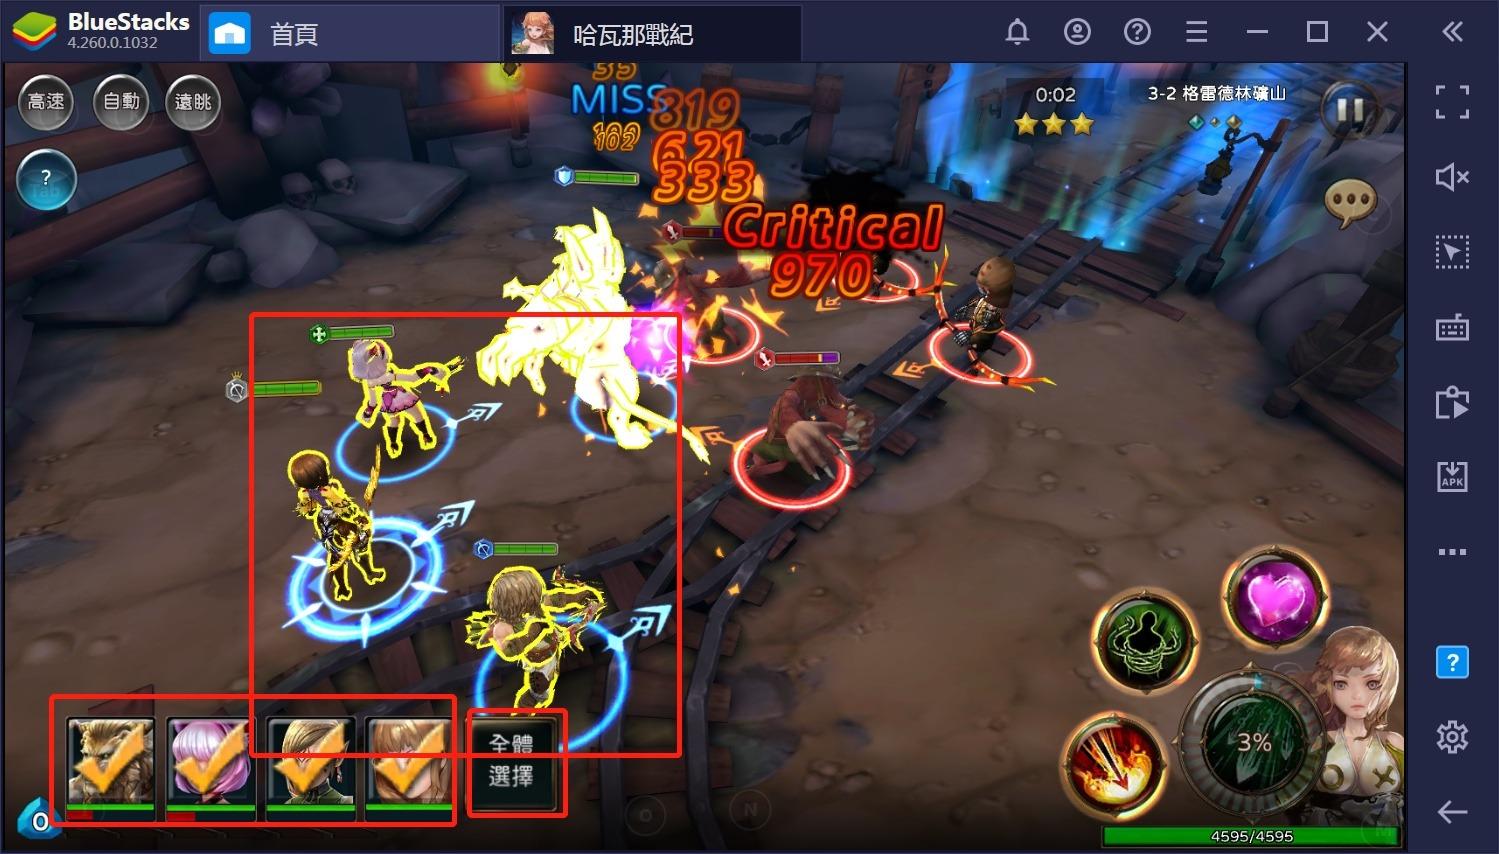 使用BlueStacks在PC上玩童話奇幻手機遊戲《哈瓦那戰紀》